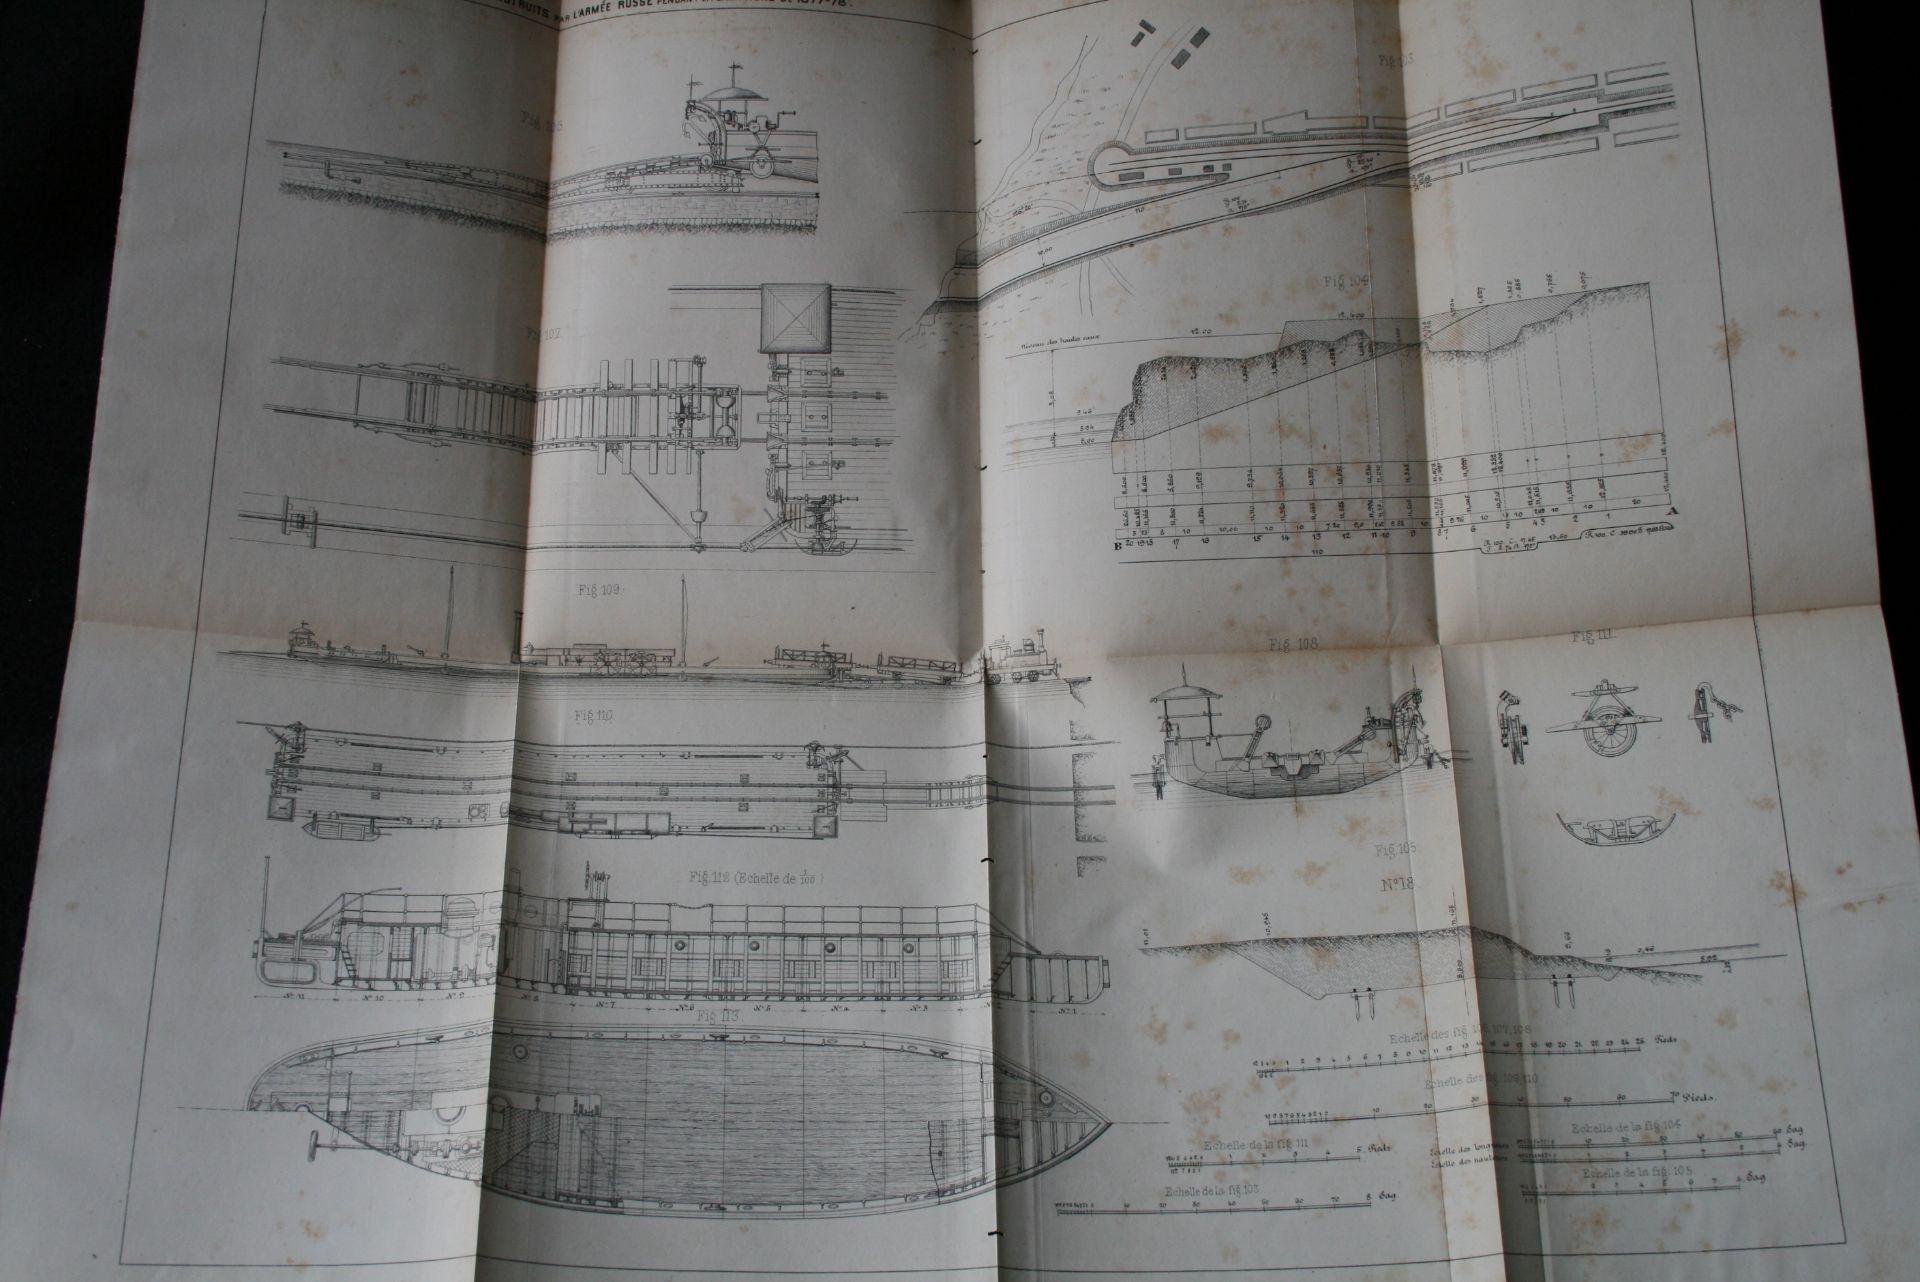 P. LESSAR : De la construction des chemins de fer en temps de guerre. Lignes [...] - Bild 4 aus 4